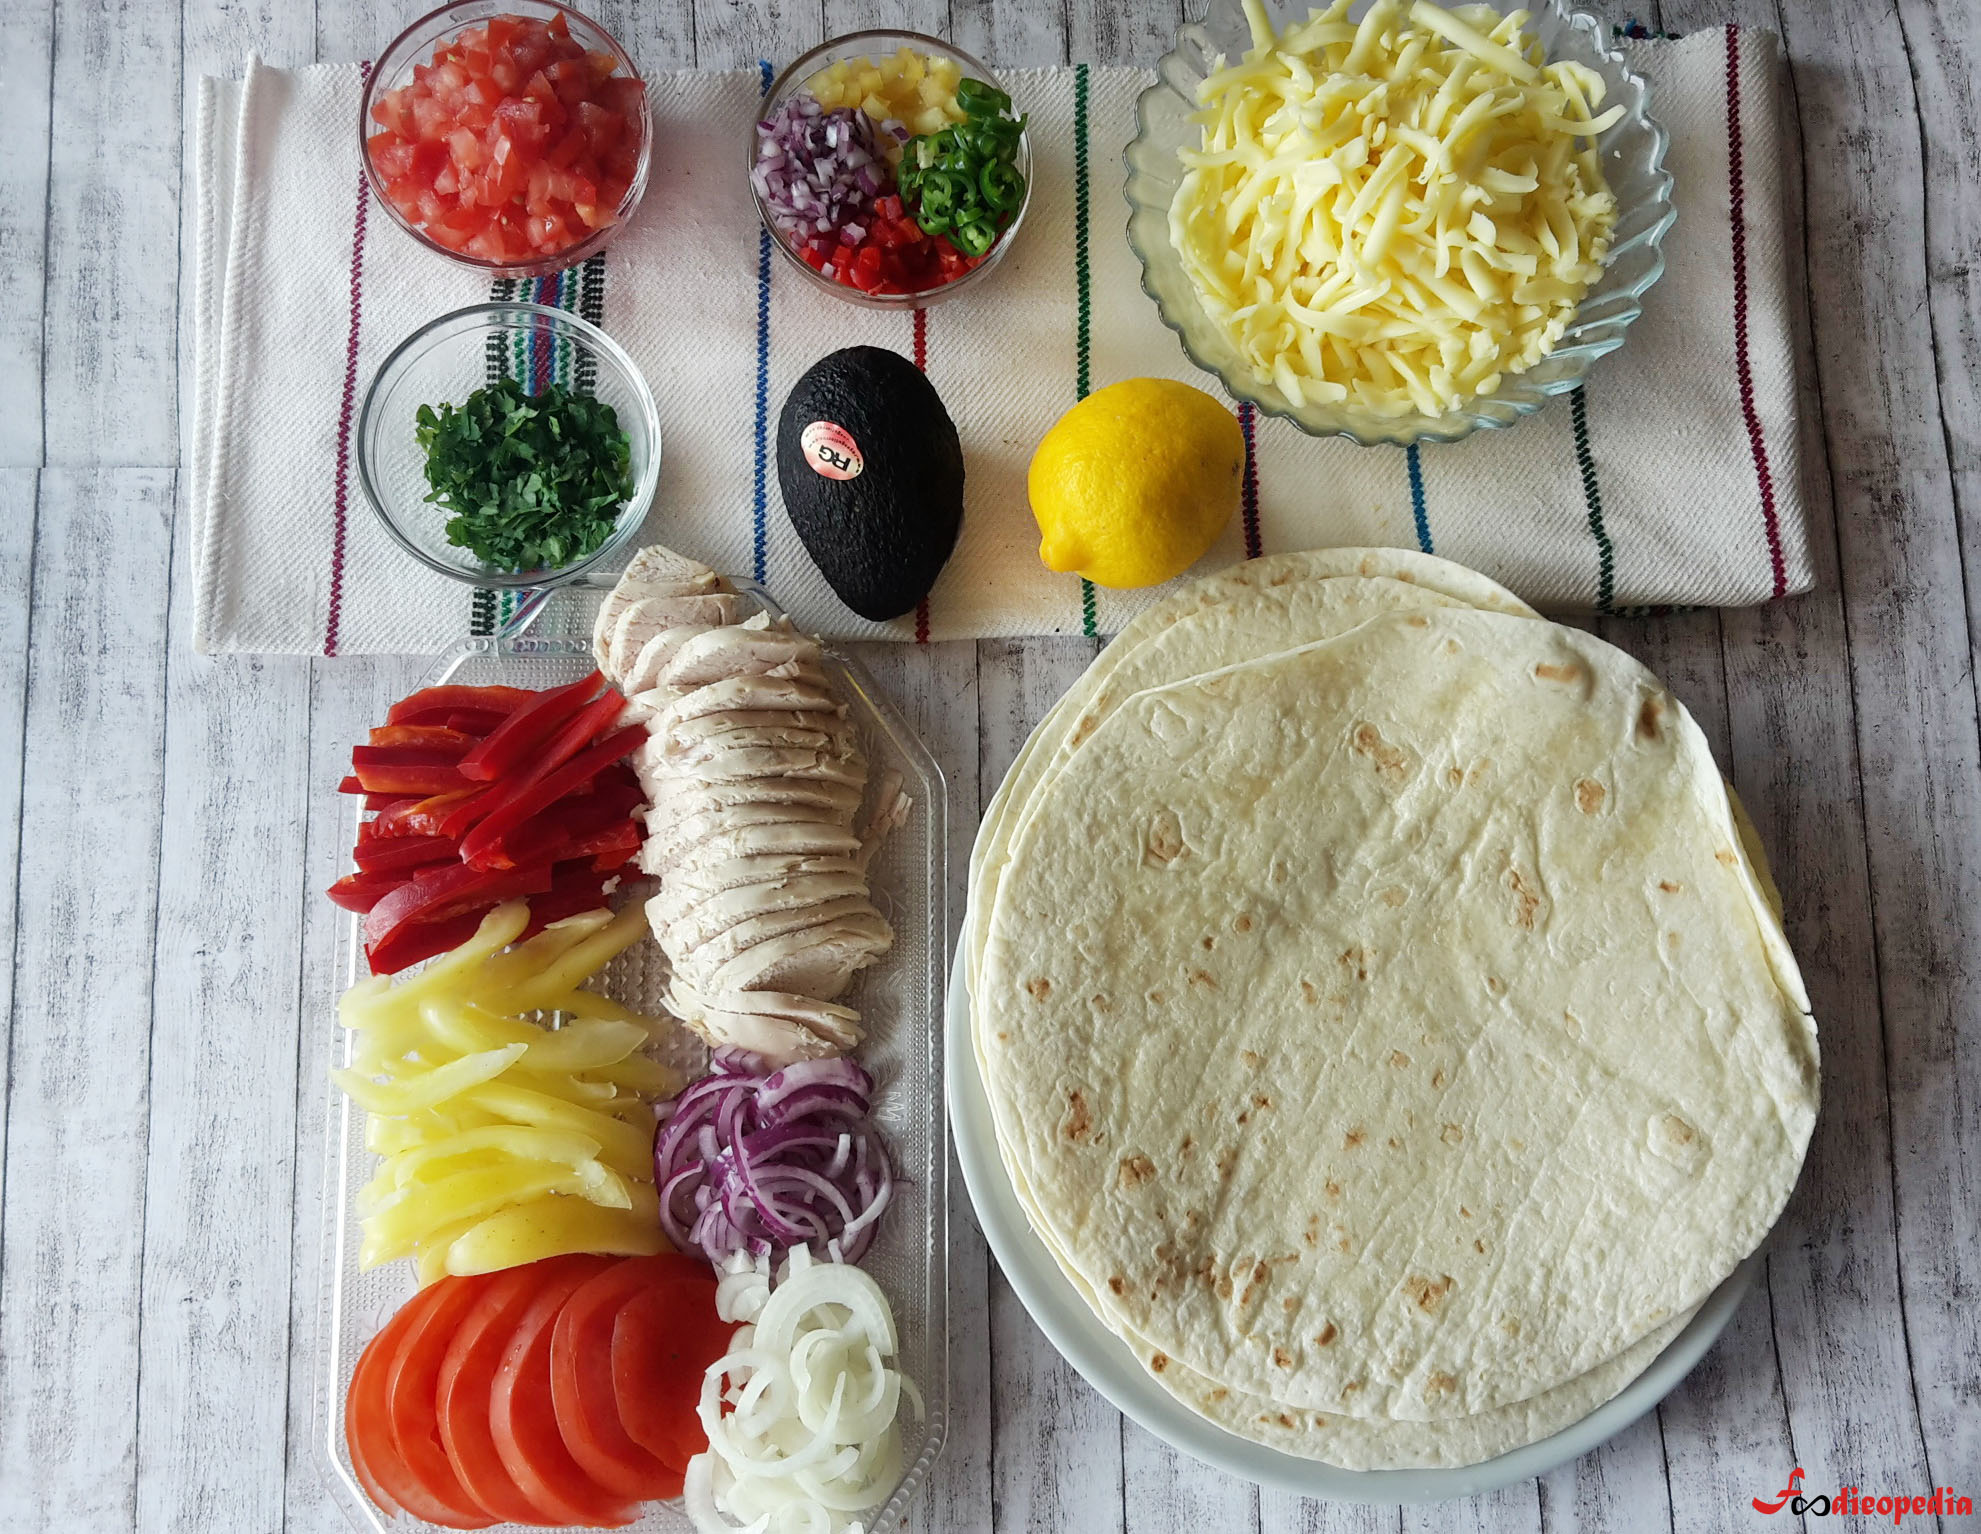 călătorie culinară quesadilla